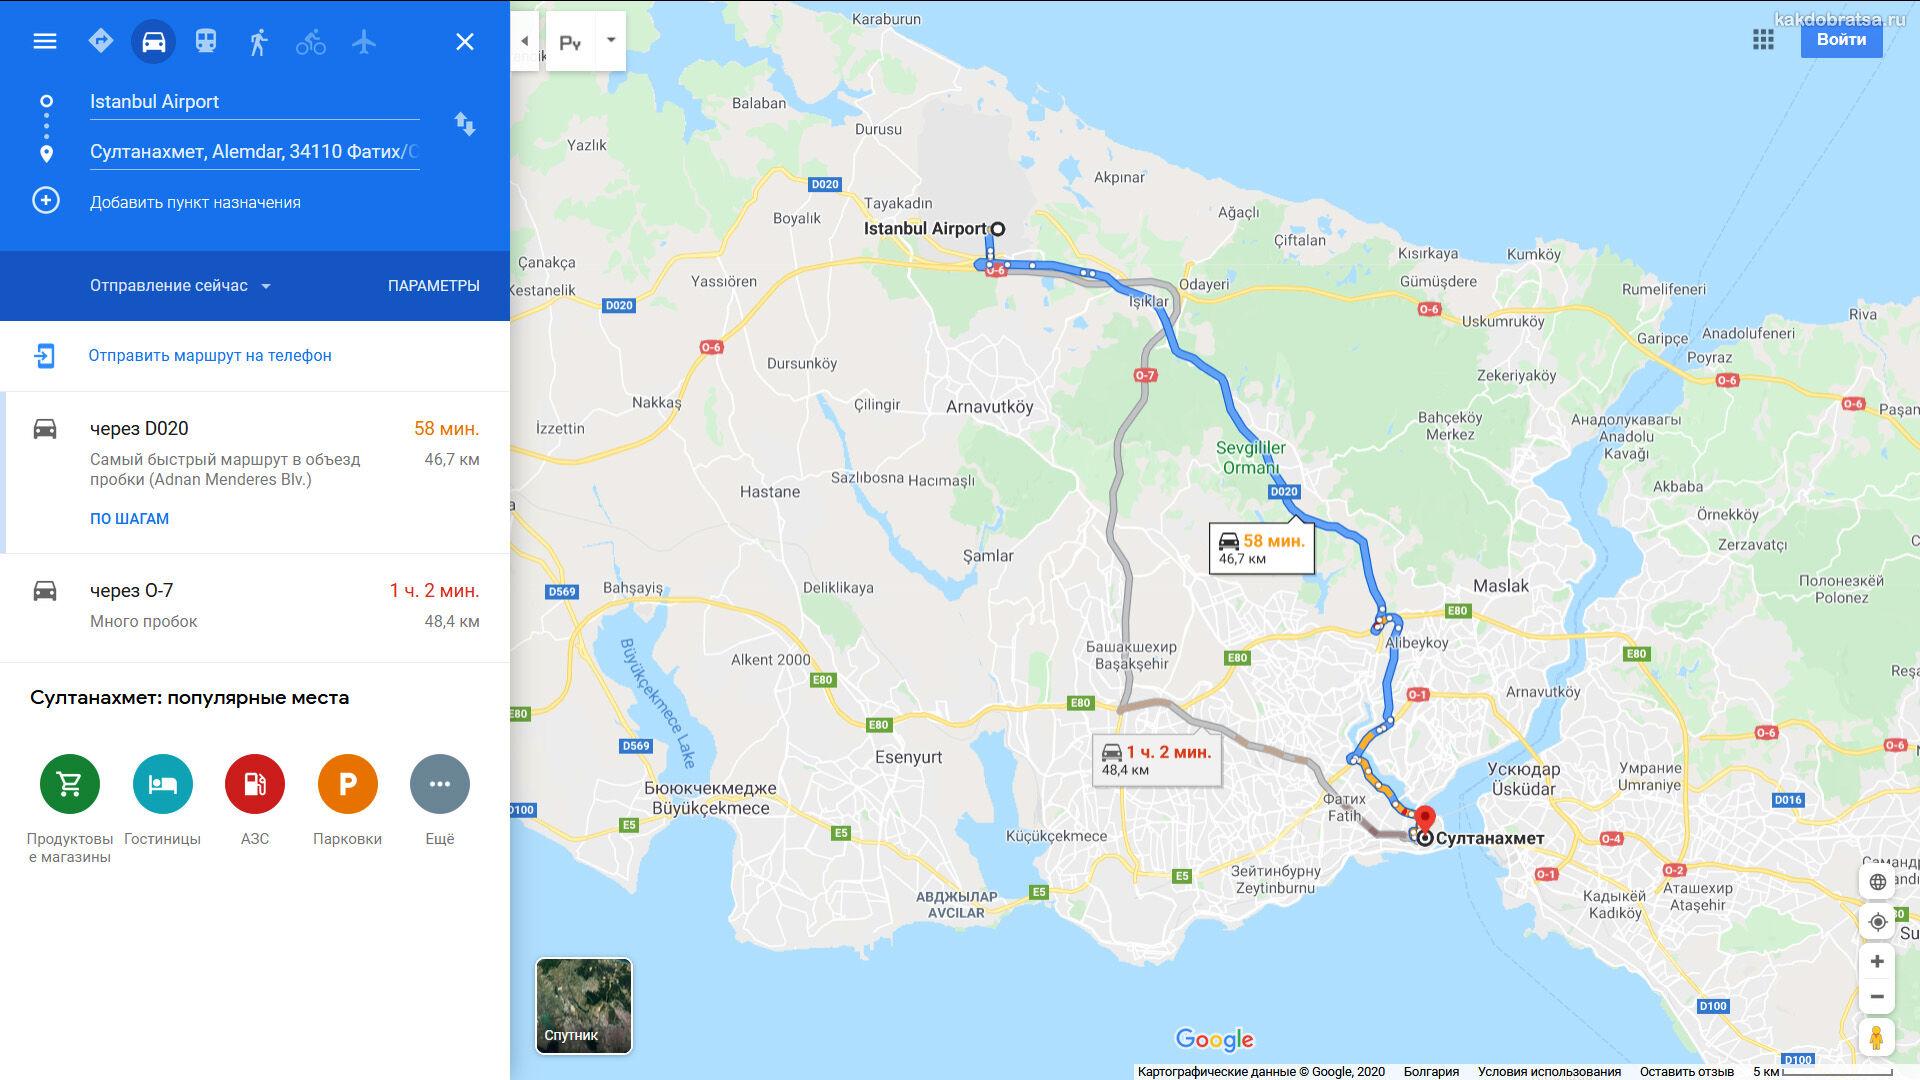 Аэропорт Стамбула на карте и путь до центра